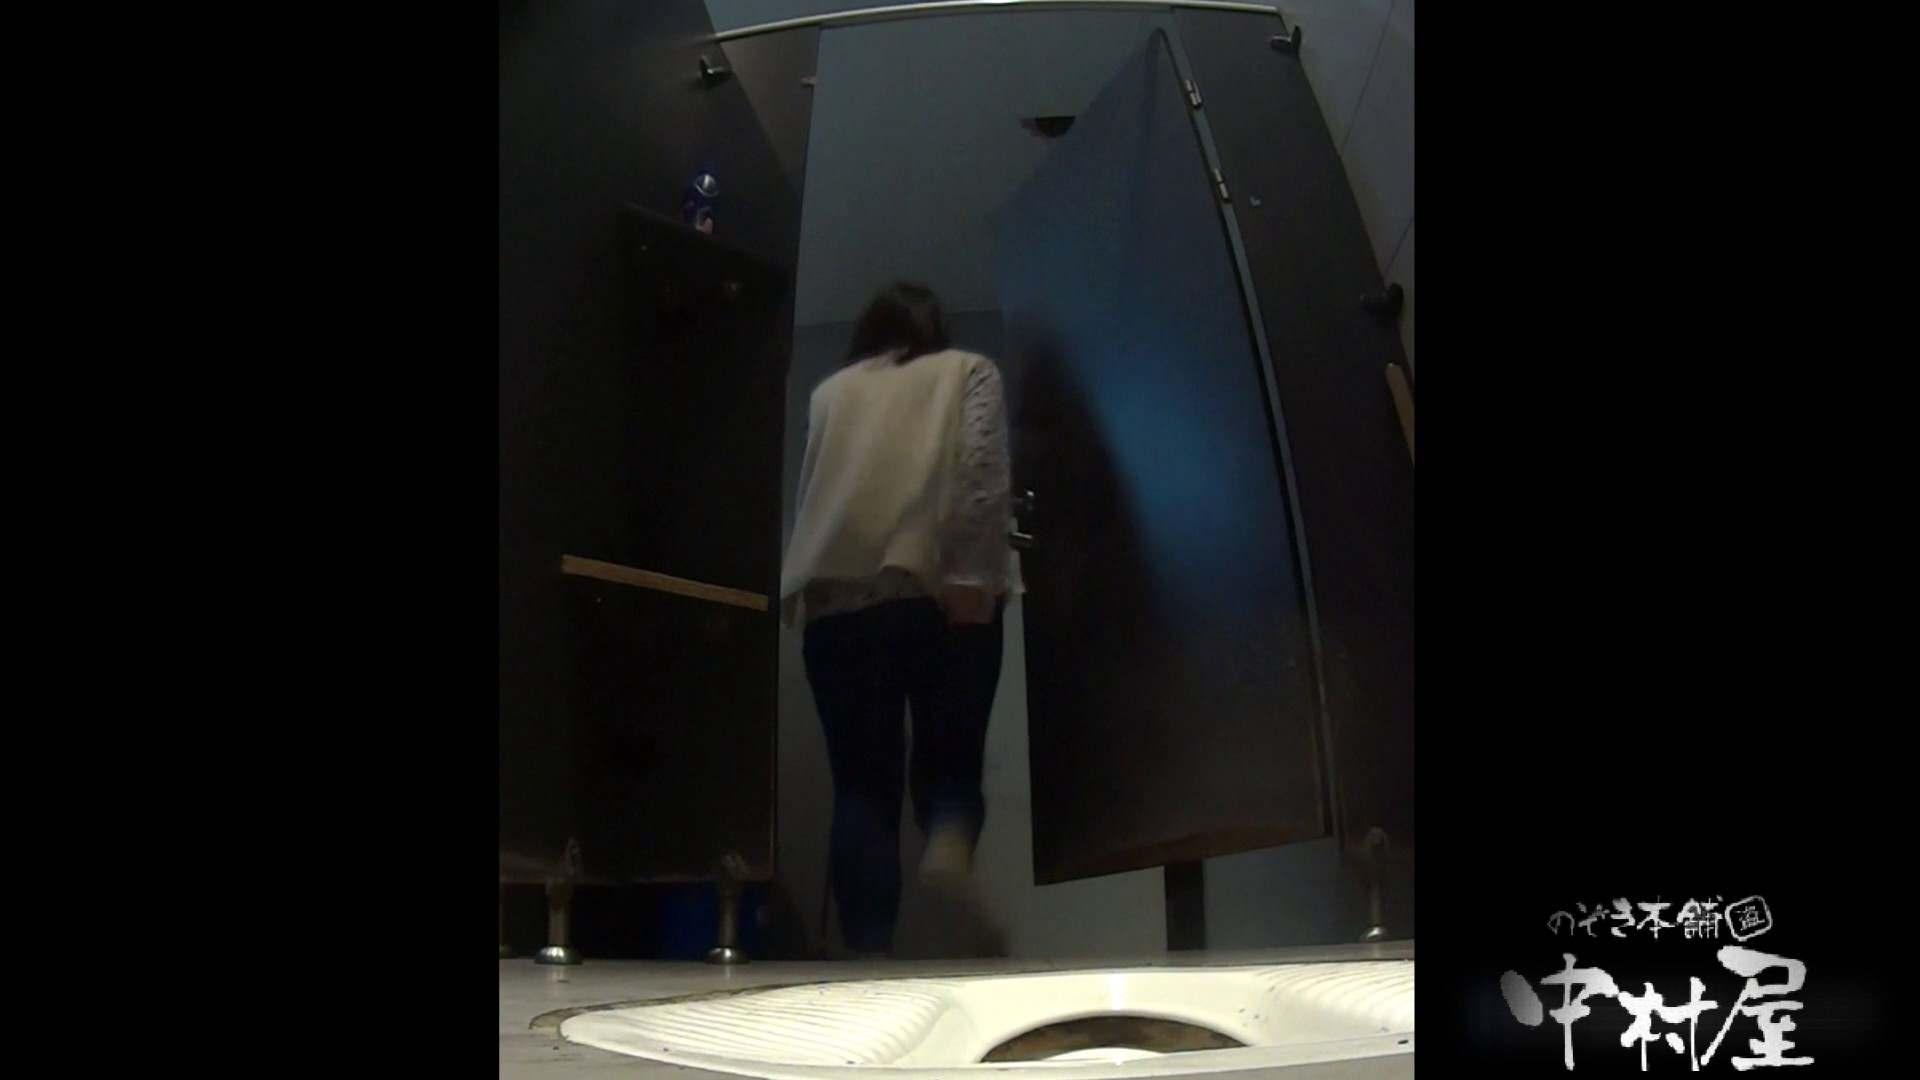 立ち膝でオシッコピュー!はみ出しています。大学休憩時間の洗面所事情19 0  56pic 44